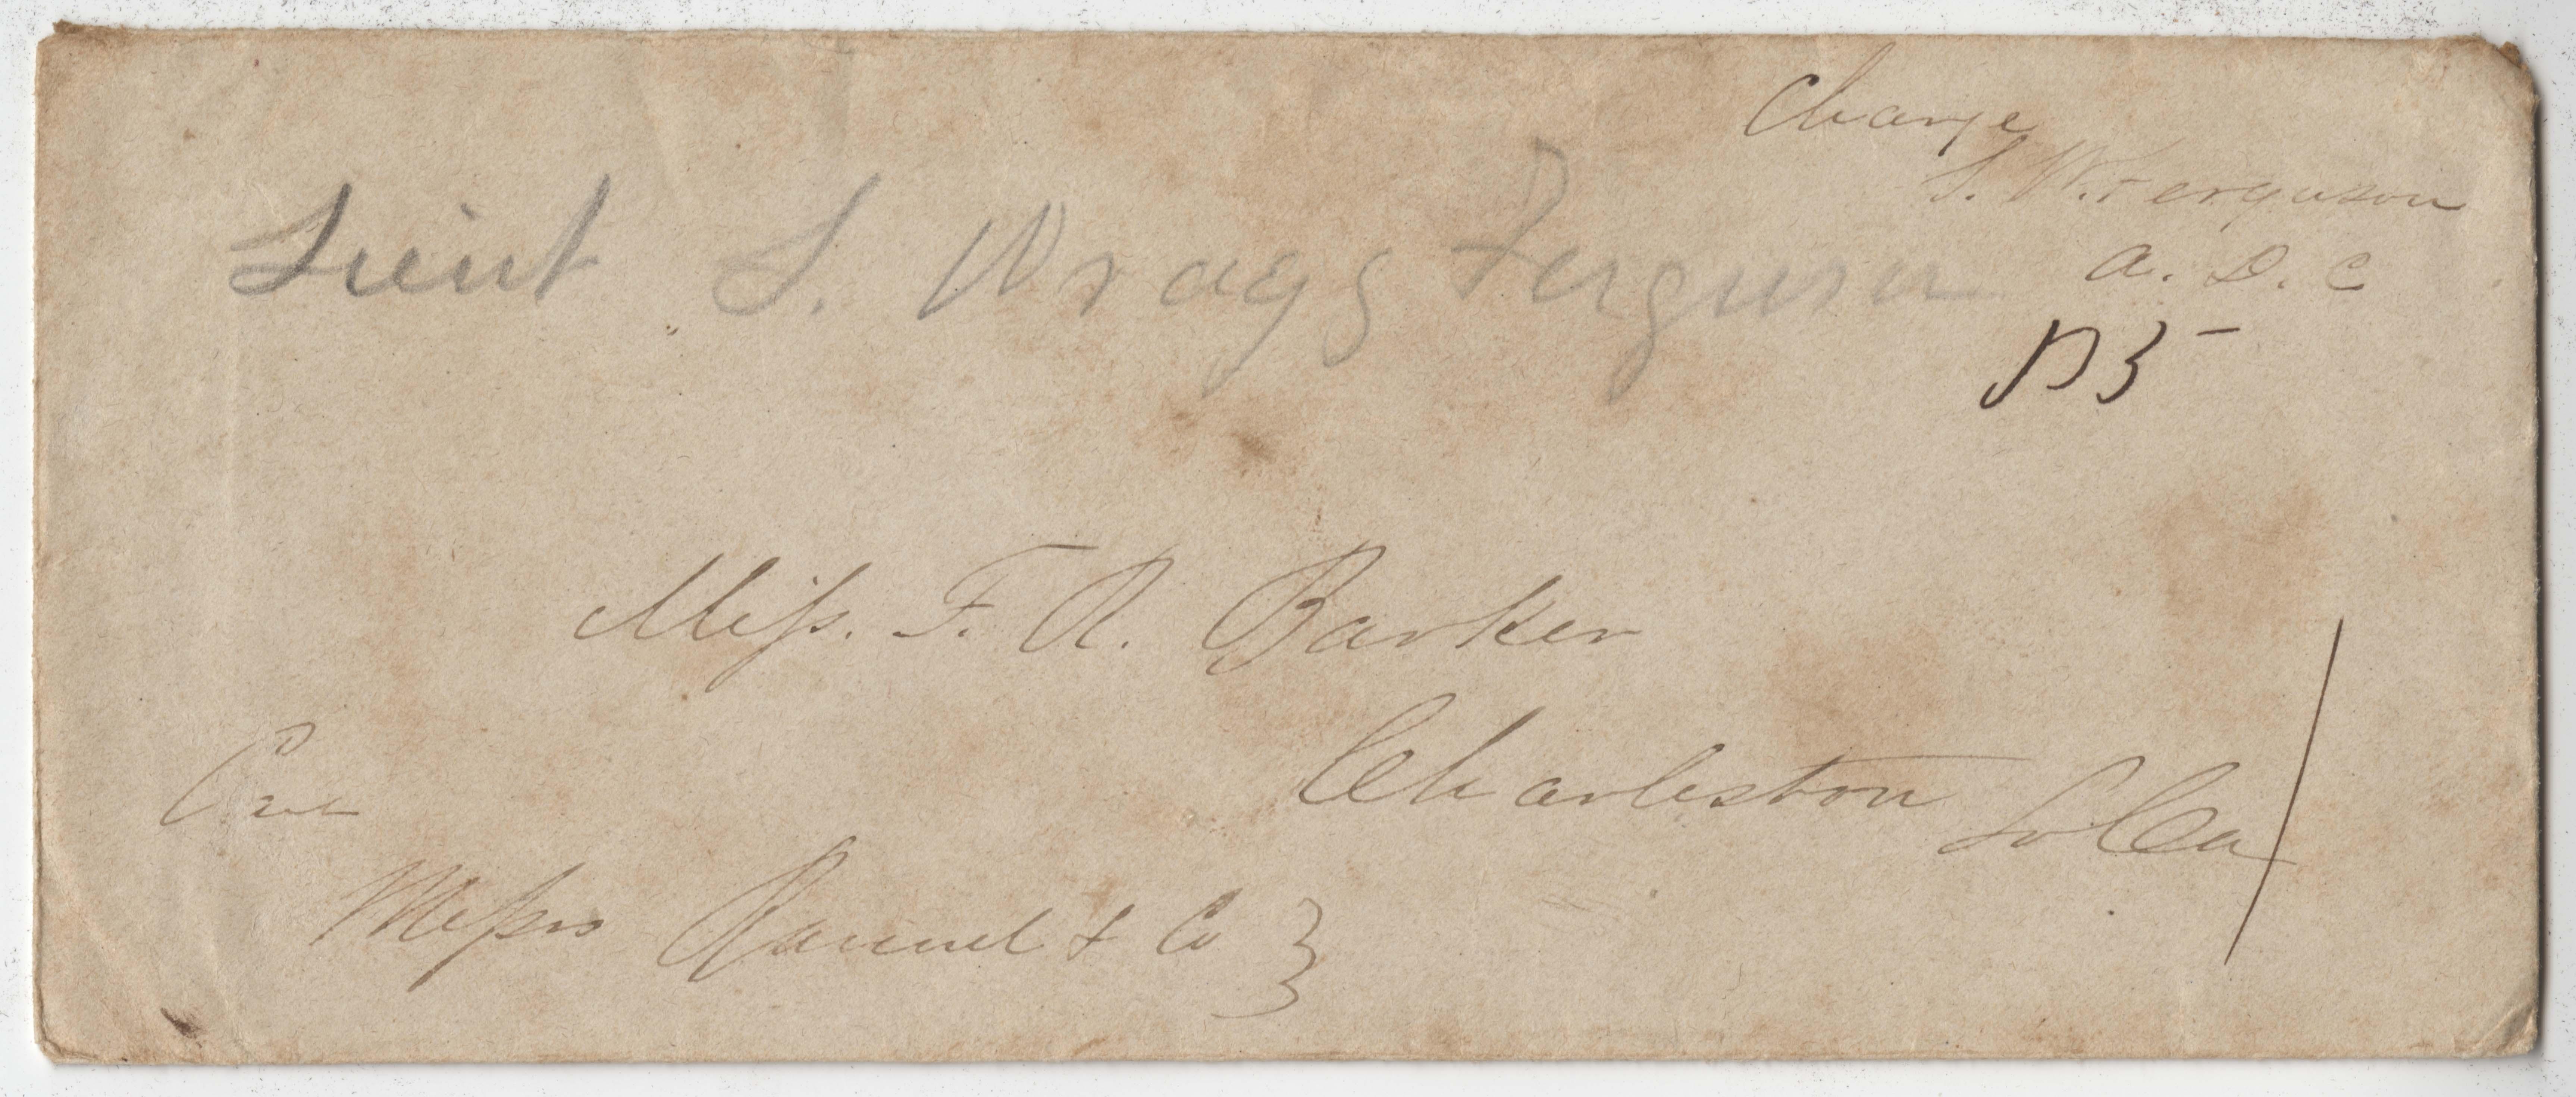 172. Sam Wragg Ferguson to F.R. Barker (godmother) -- August 4, 1861